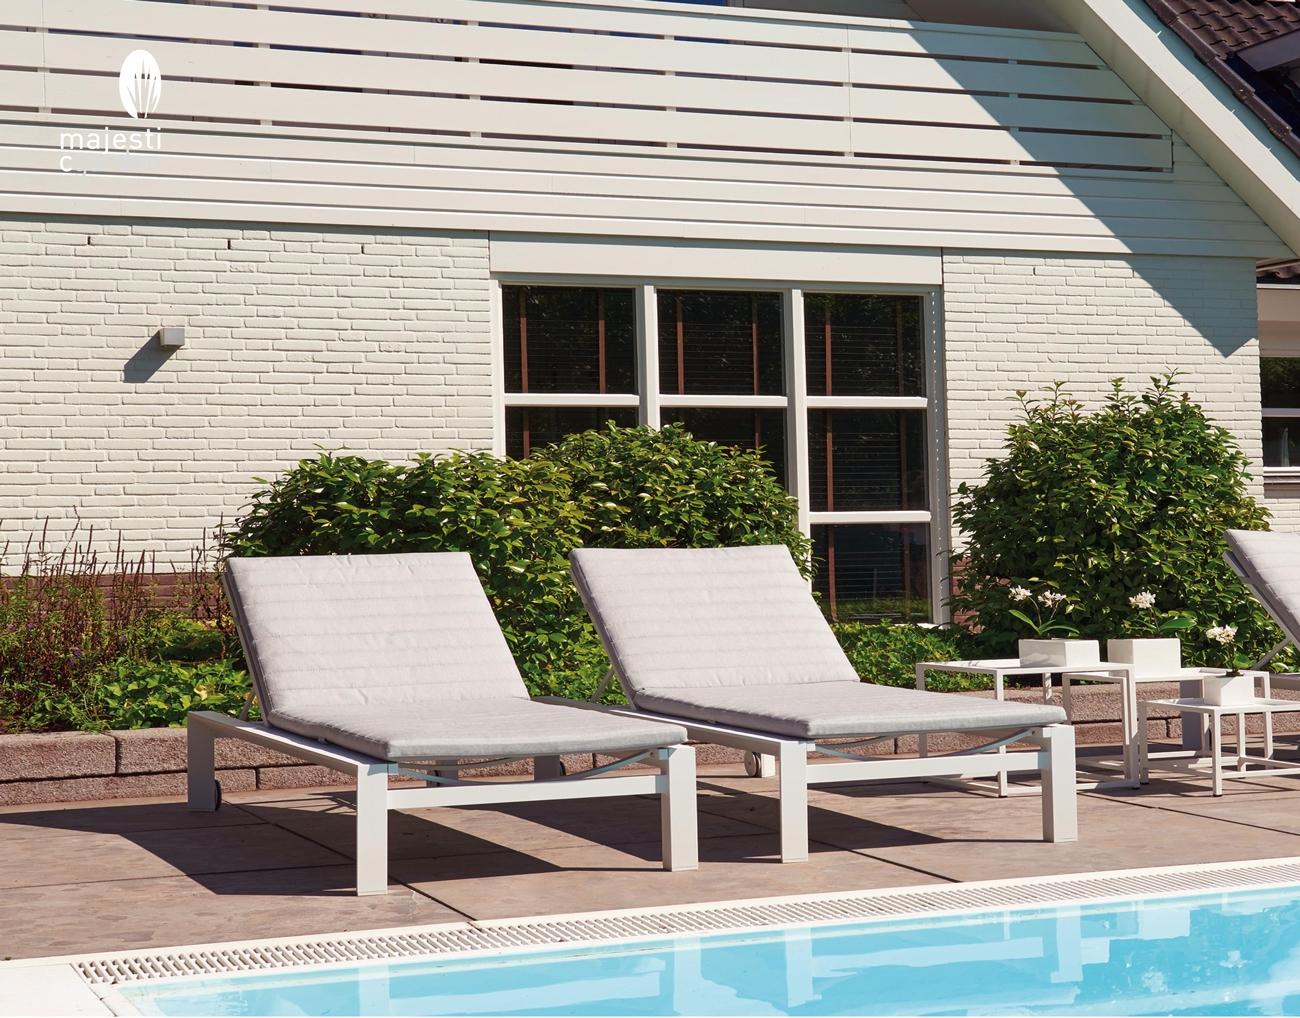 Tumbona para exterior modelo DELTA - Tumbona para exterior modelo DELTA de Majestic Garden